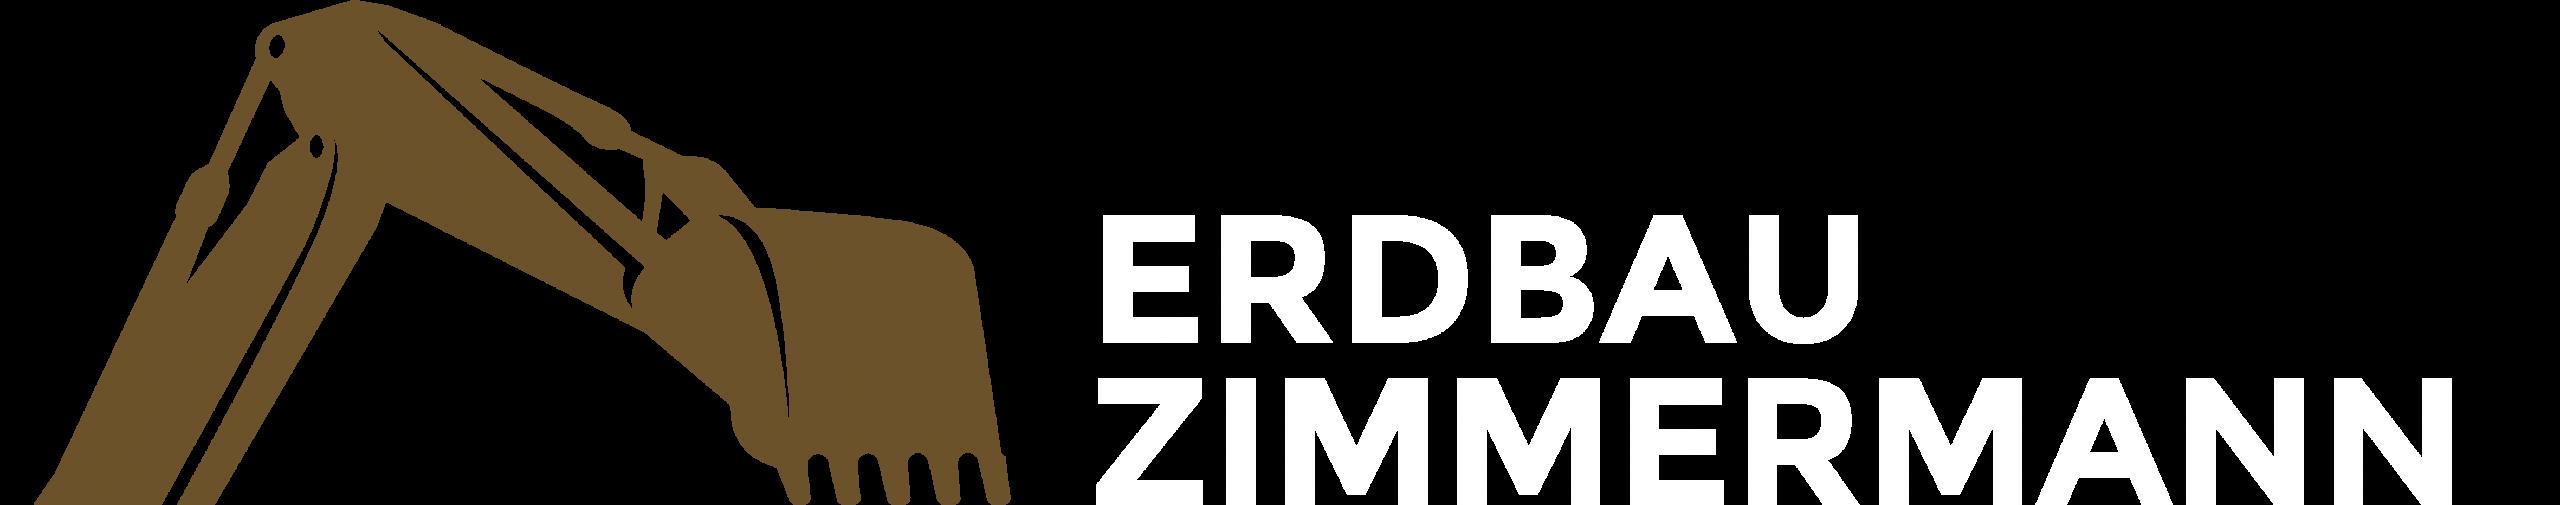 Erdbau Zimmermann